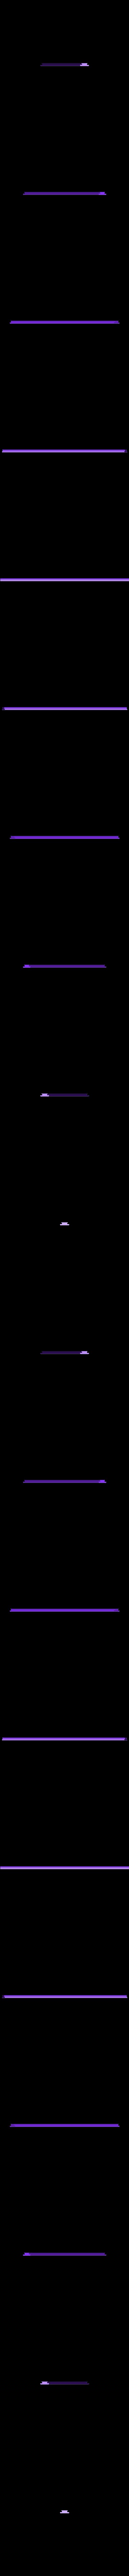 V_SLOT_ORIGINAL.stl Télécharger fichier STL gratuit V-SLOT avec carte SD et support USB pour ENDER 3 - par Facu Ricchi • Modèle imprimable en 3D, facuricchi